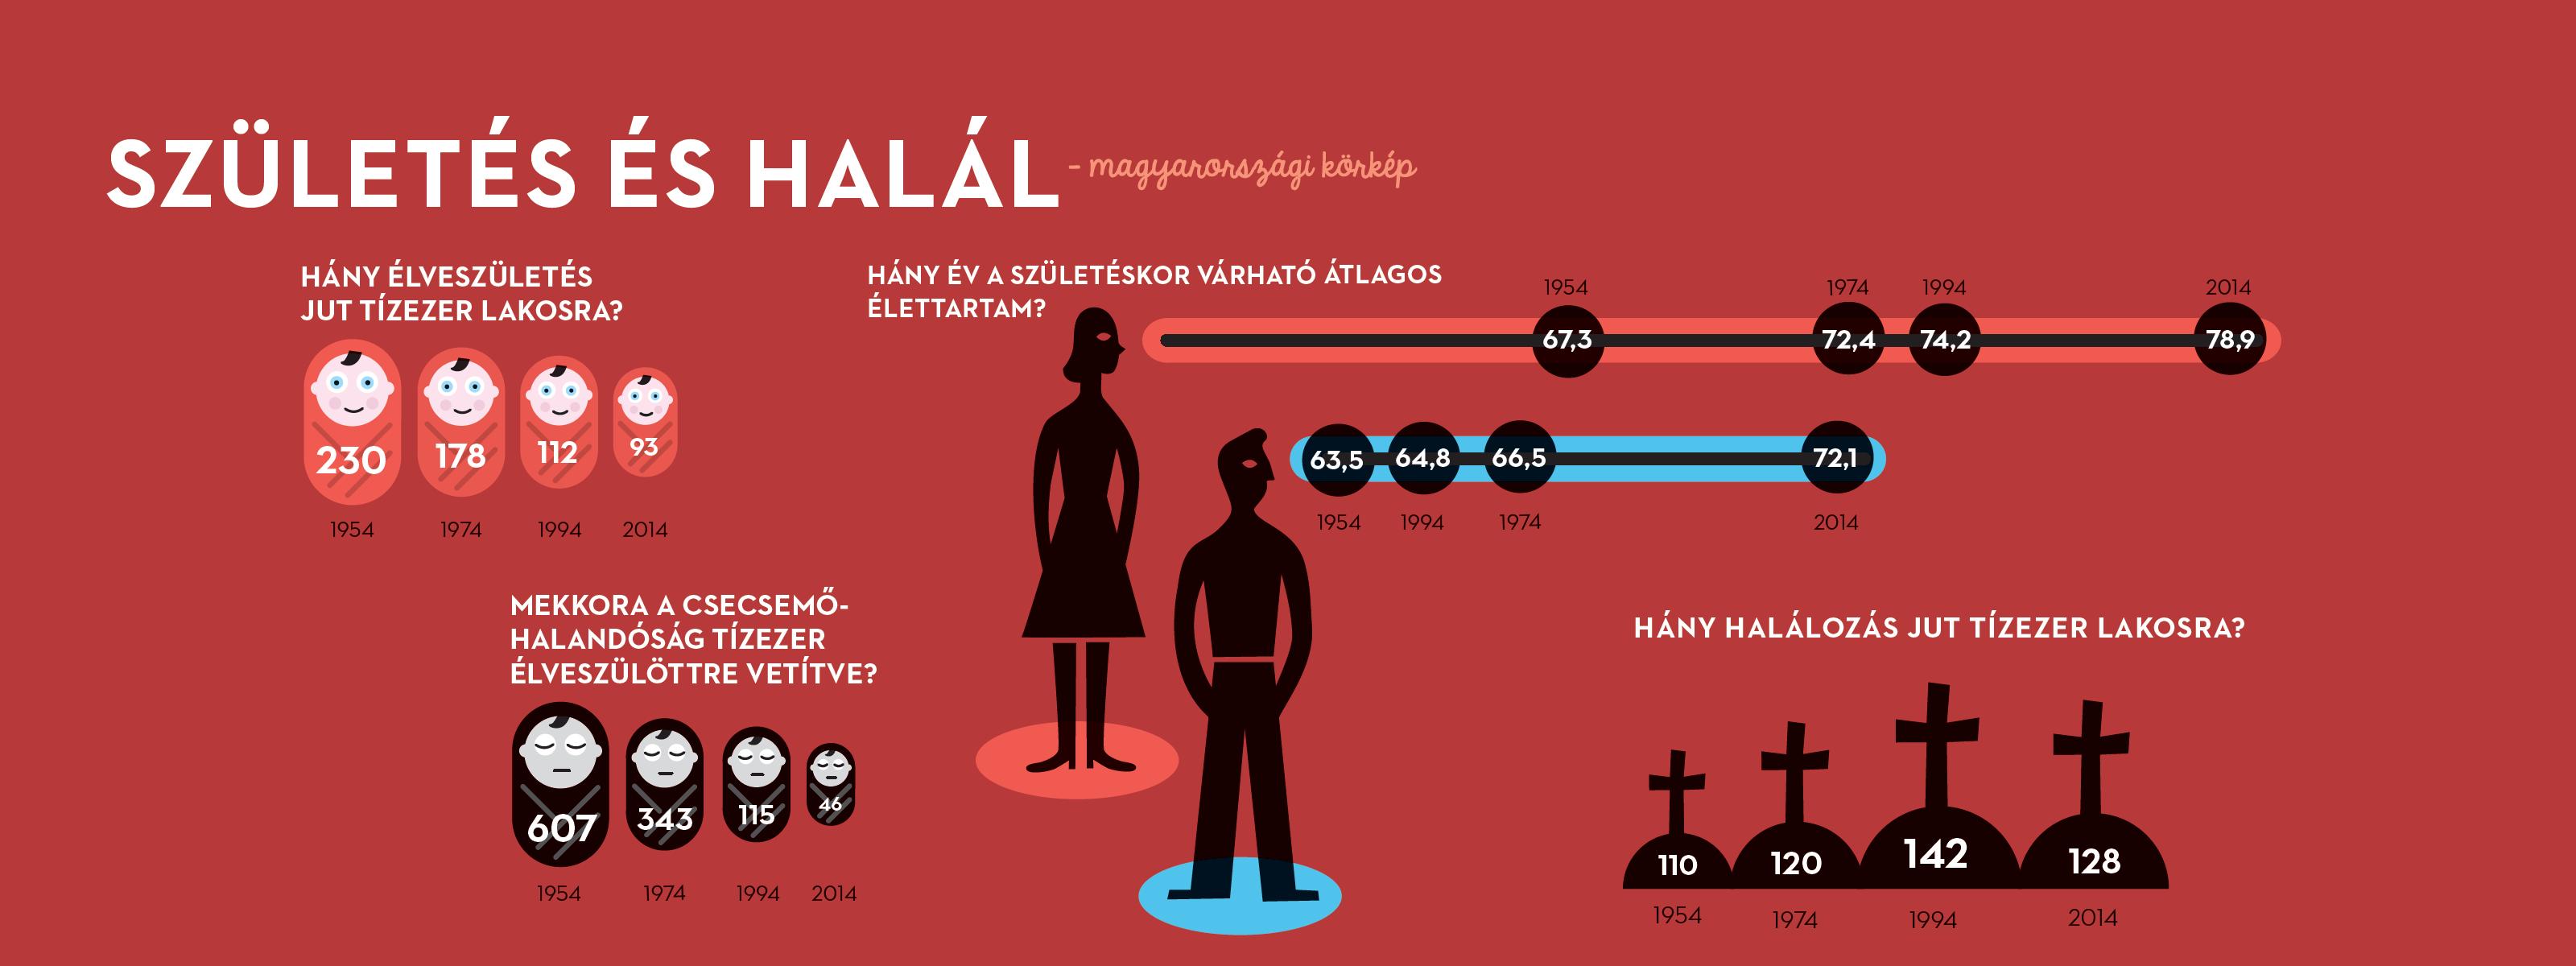 Infotandem – Infografikák készítése 1ac02c8b37